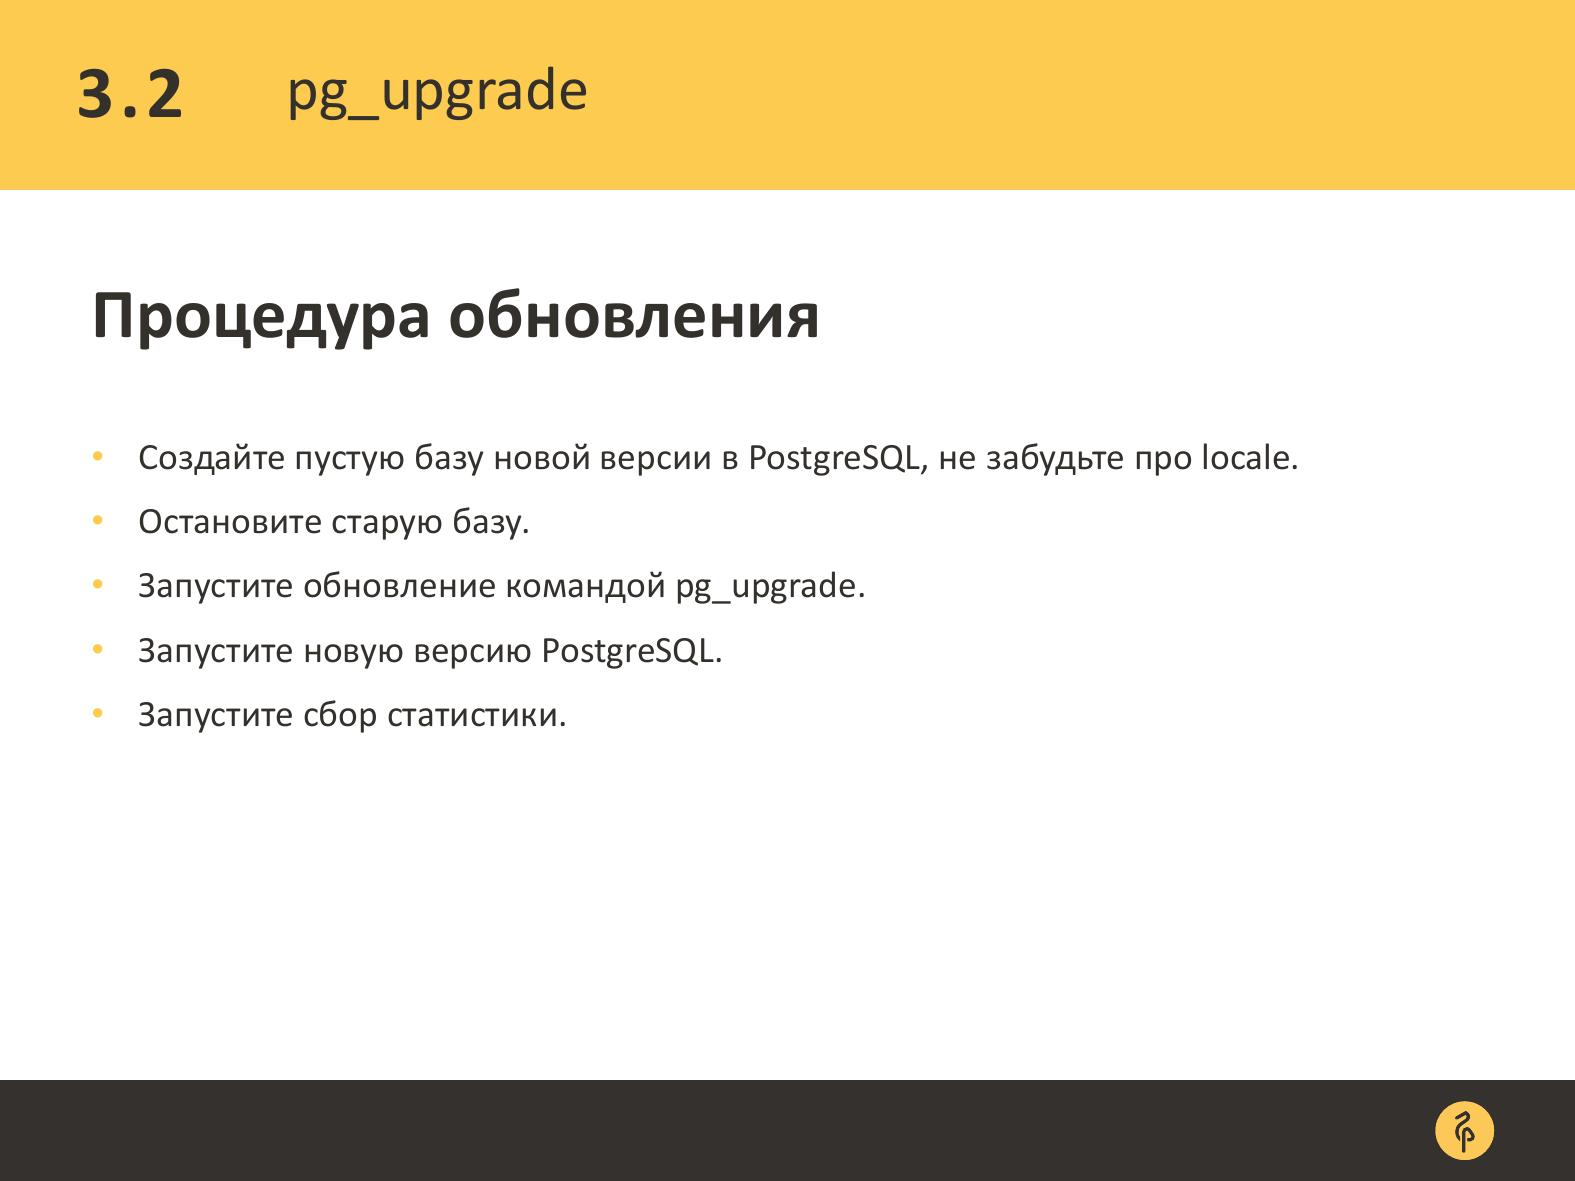 Практика обновления версий PostgreSQL. Андрей Сальников - 19